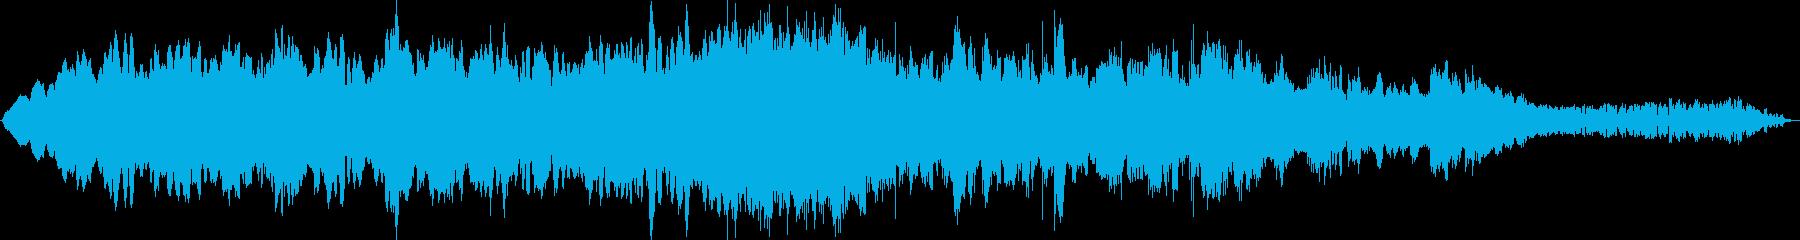 「幻想的なイメージのBGM」の再生済みの波形